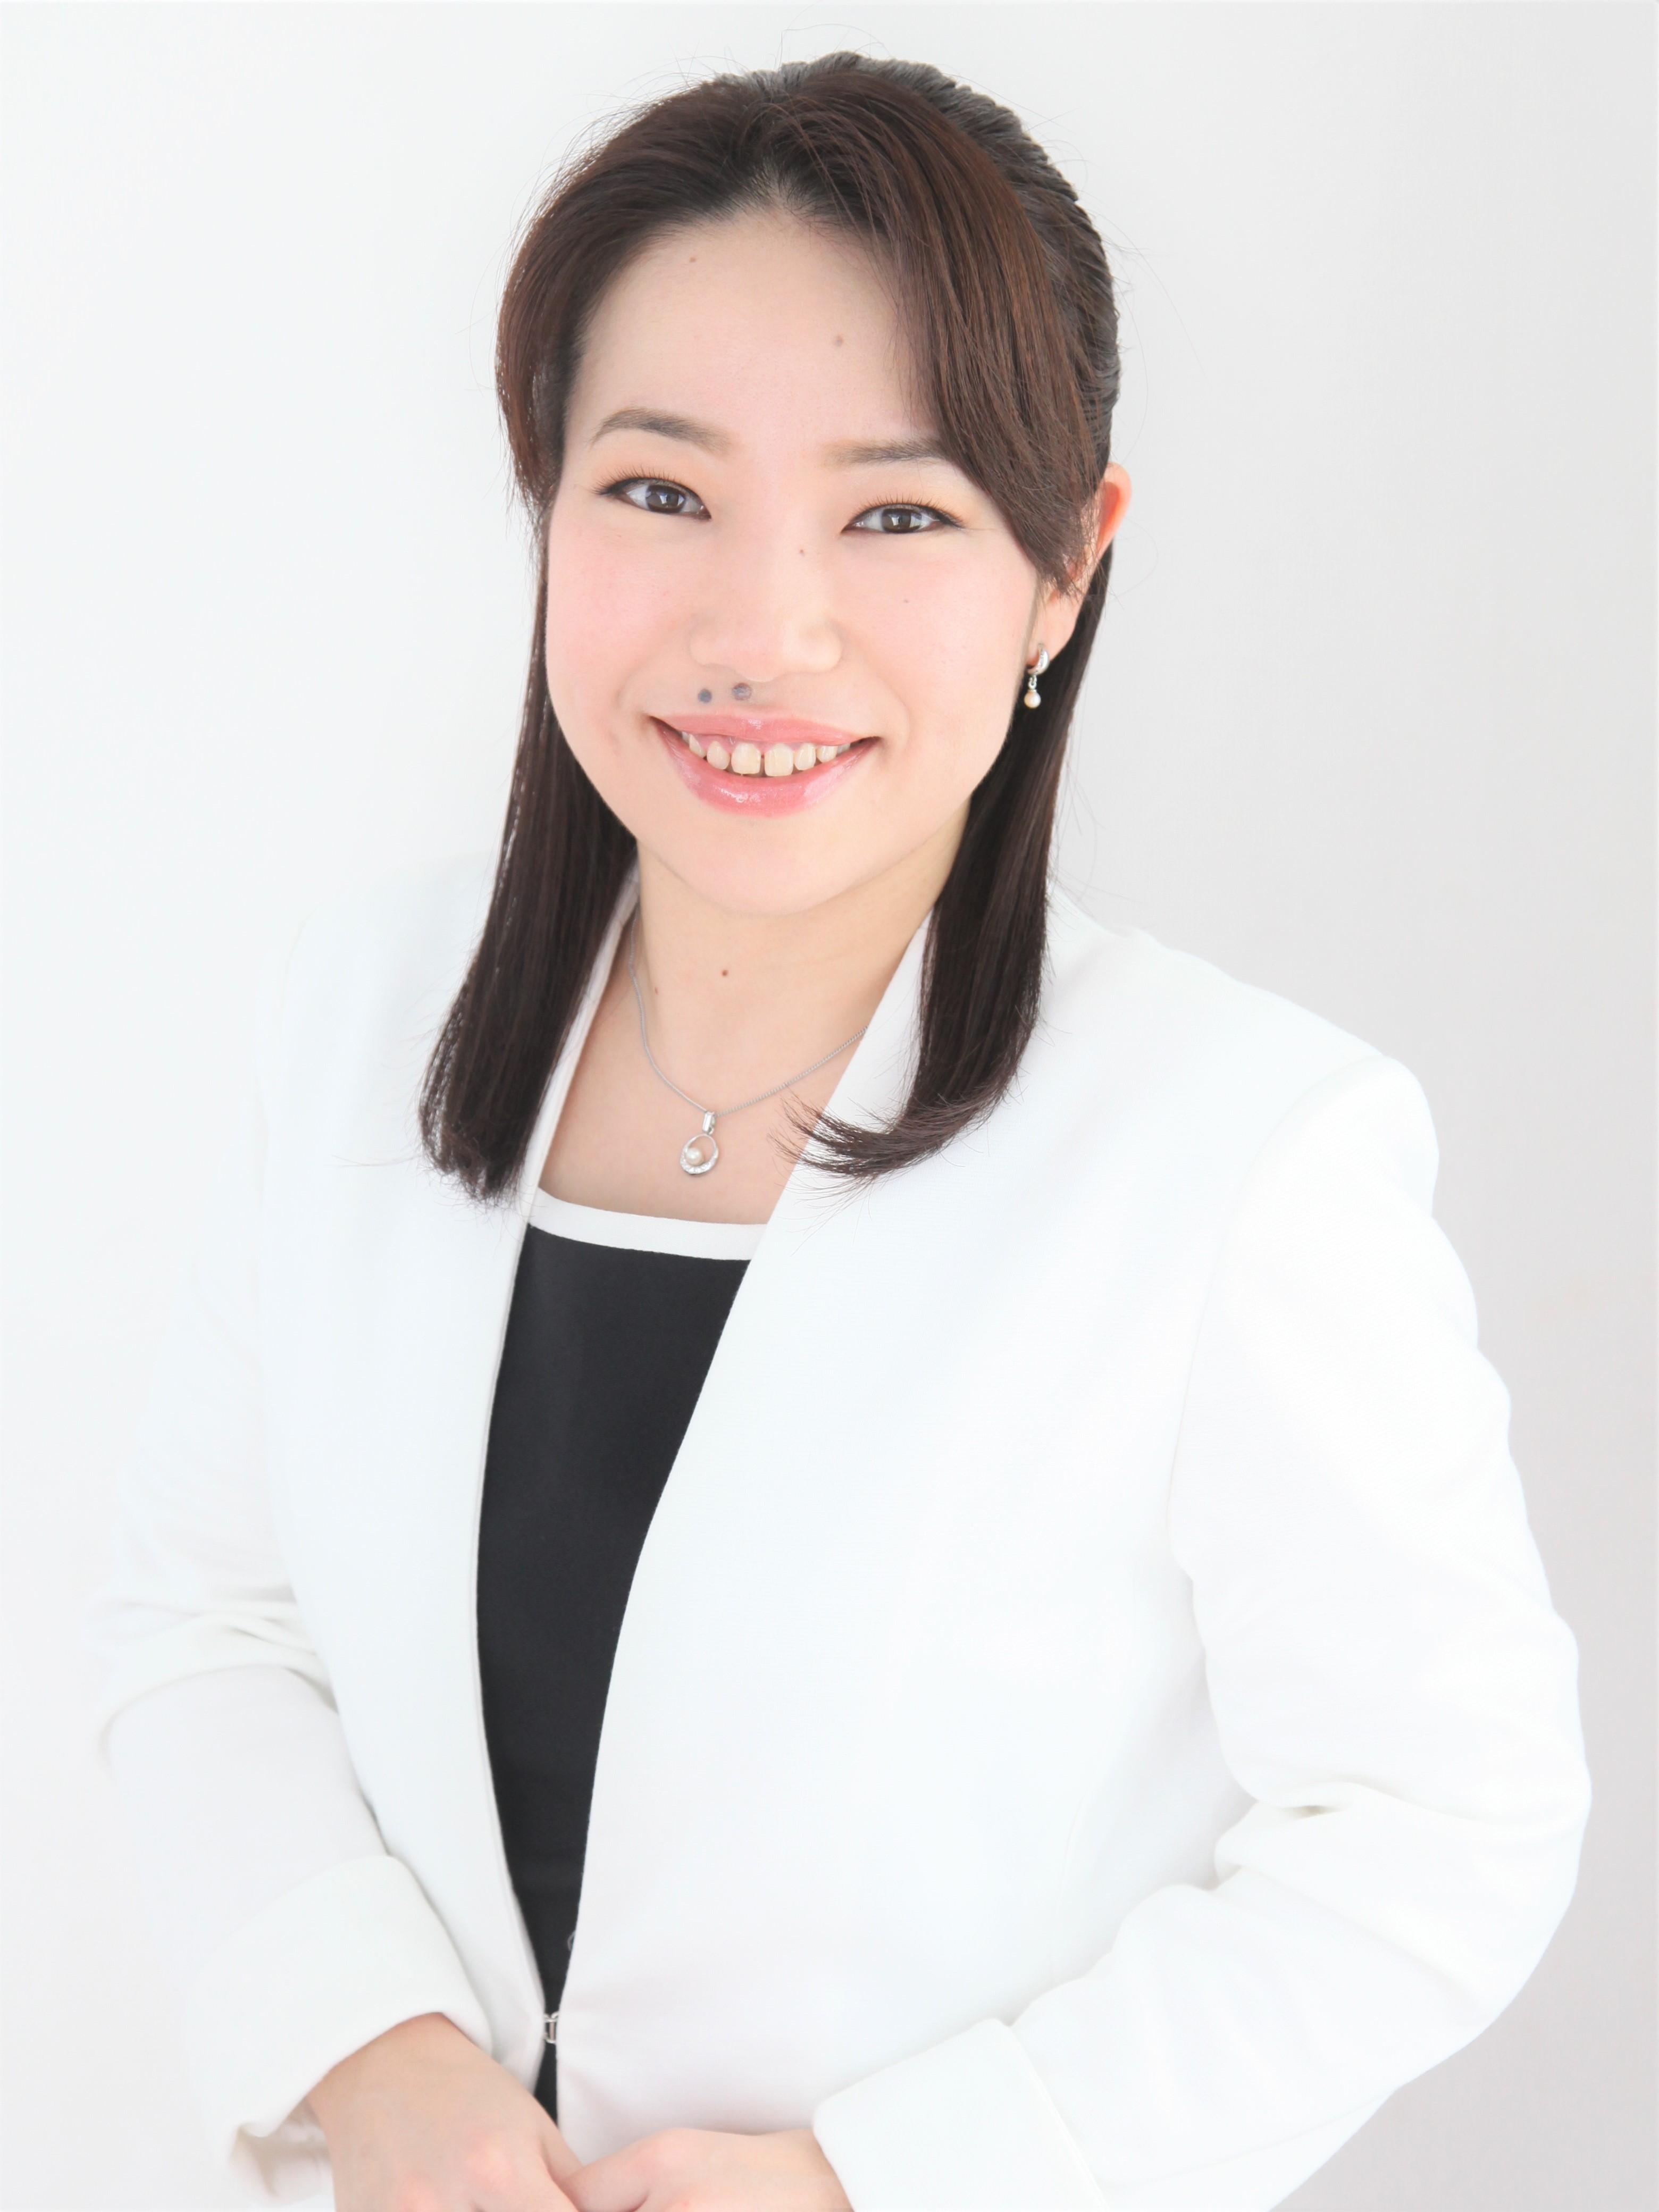 阿久津 紫乃